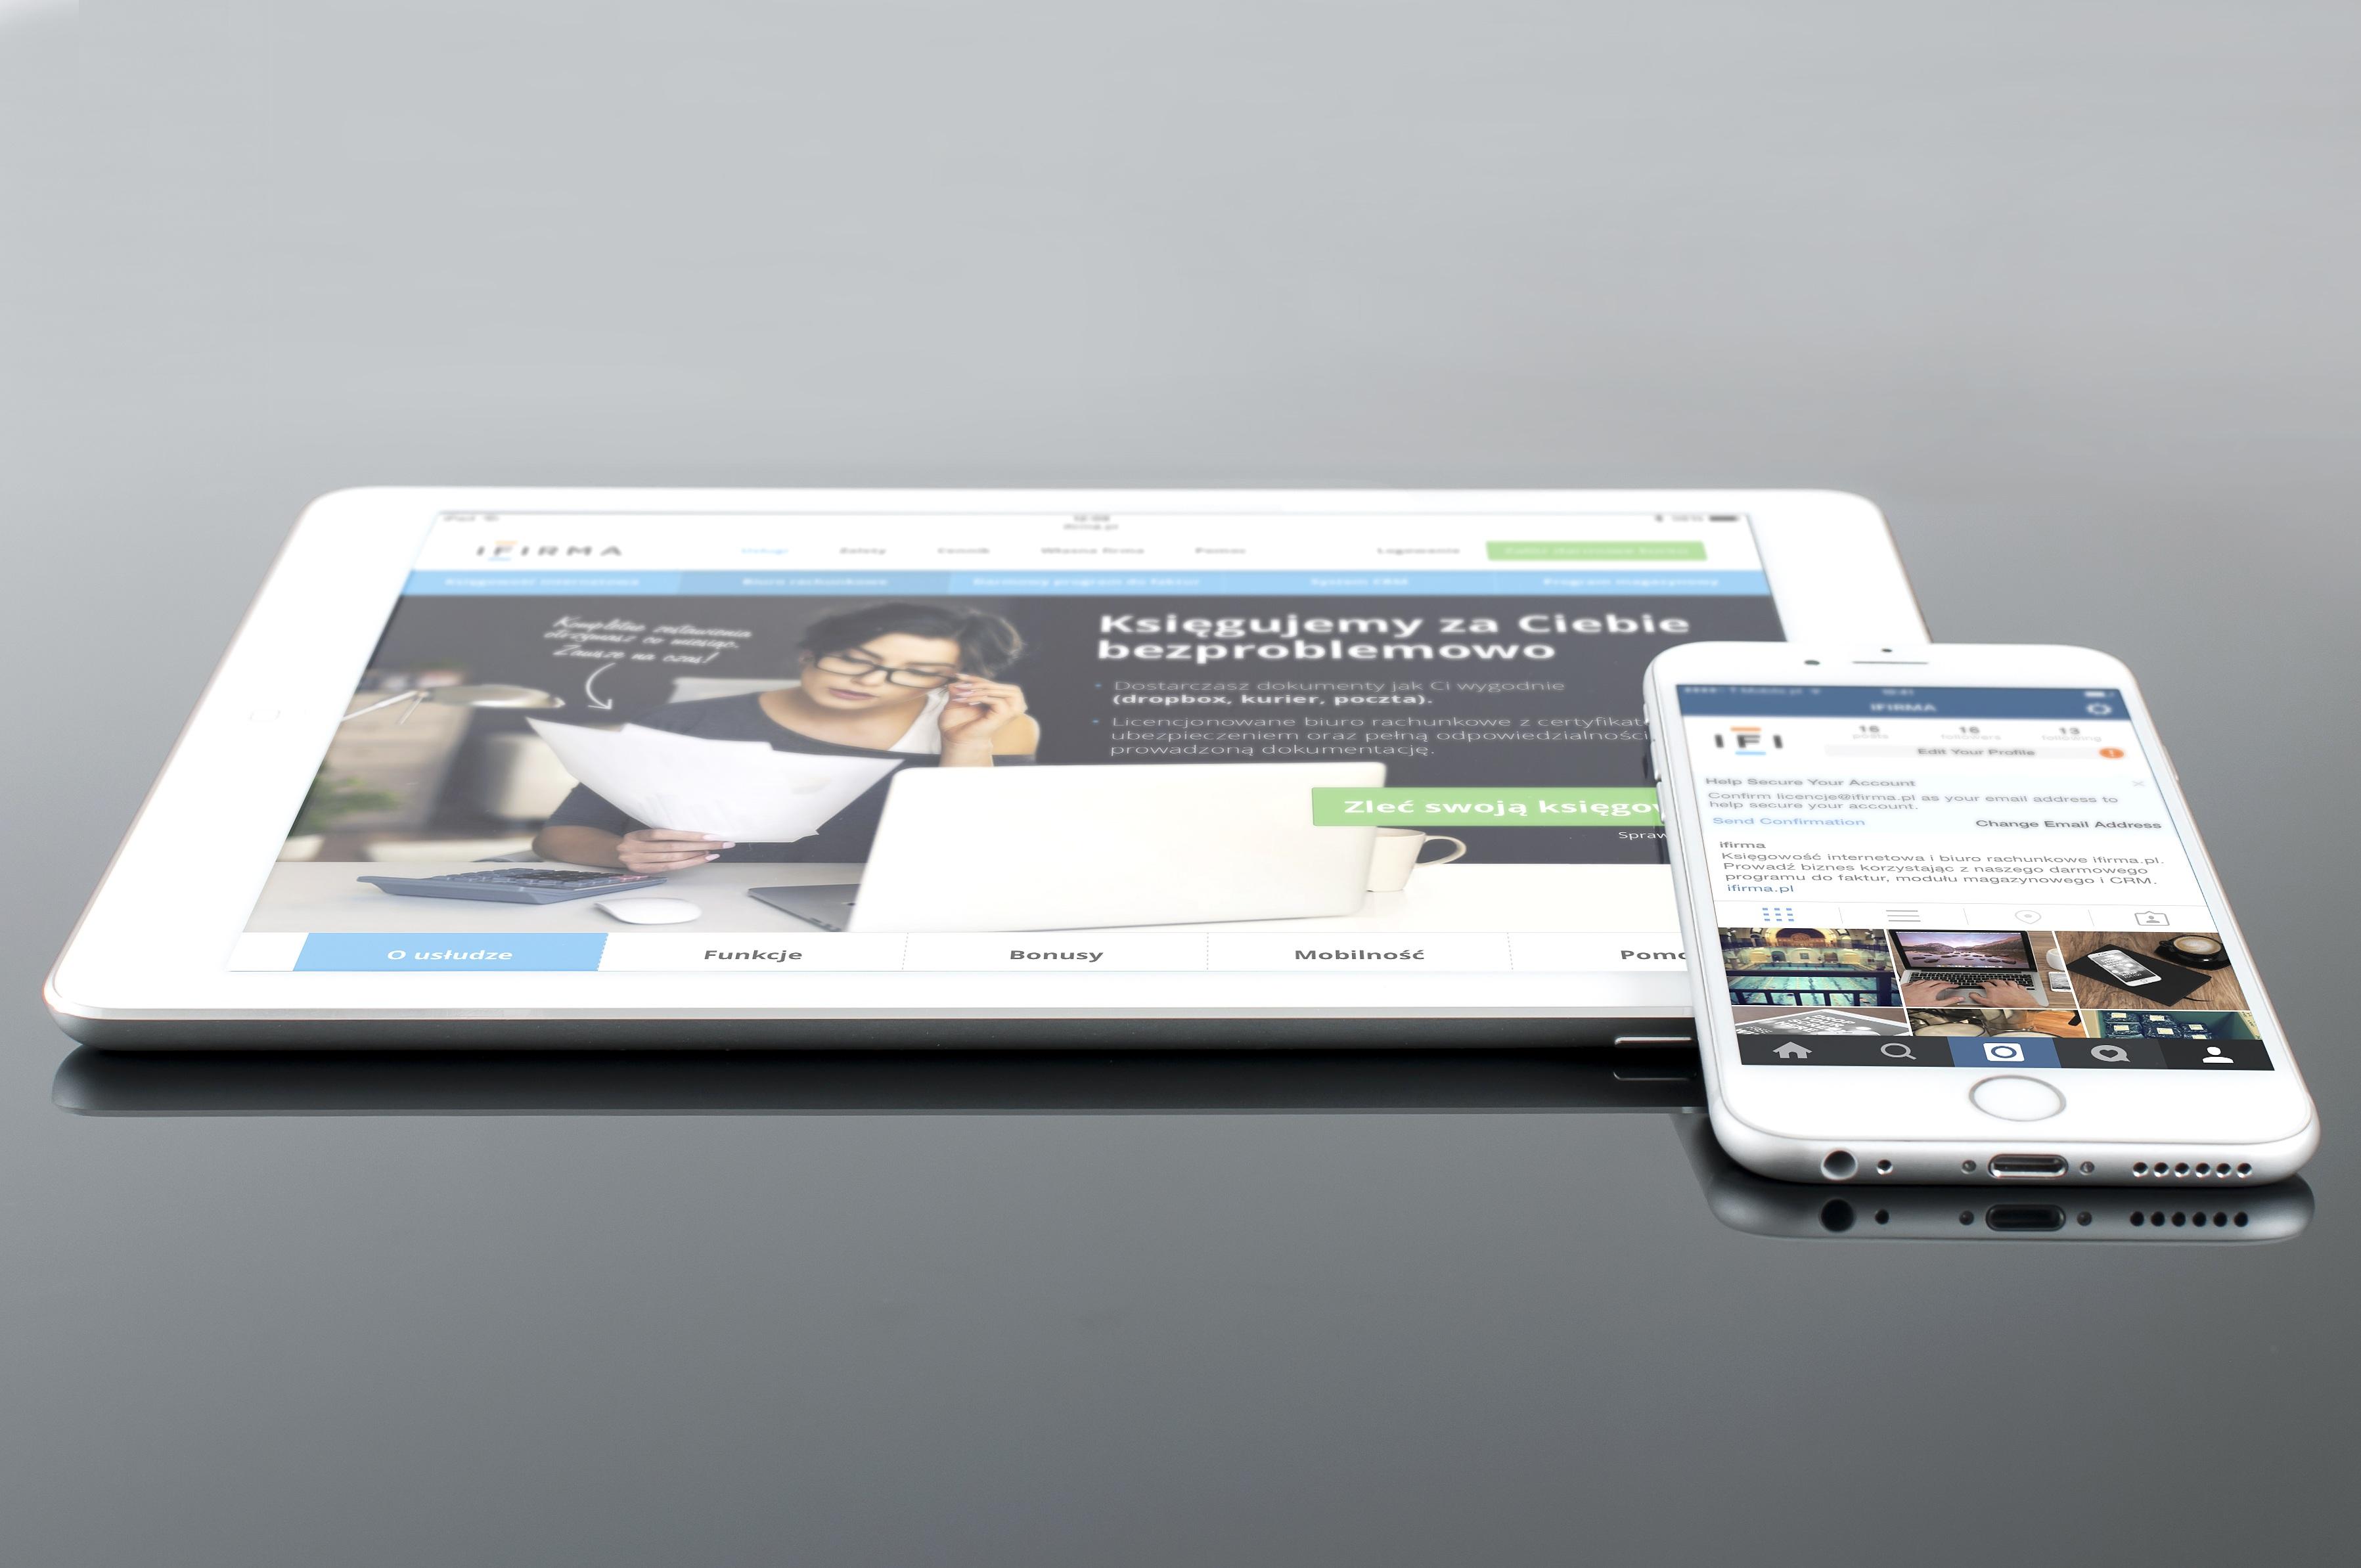 El responsive design es el sucesor de las versiones móviles